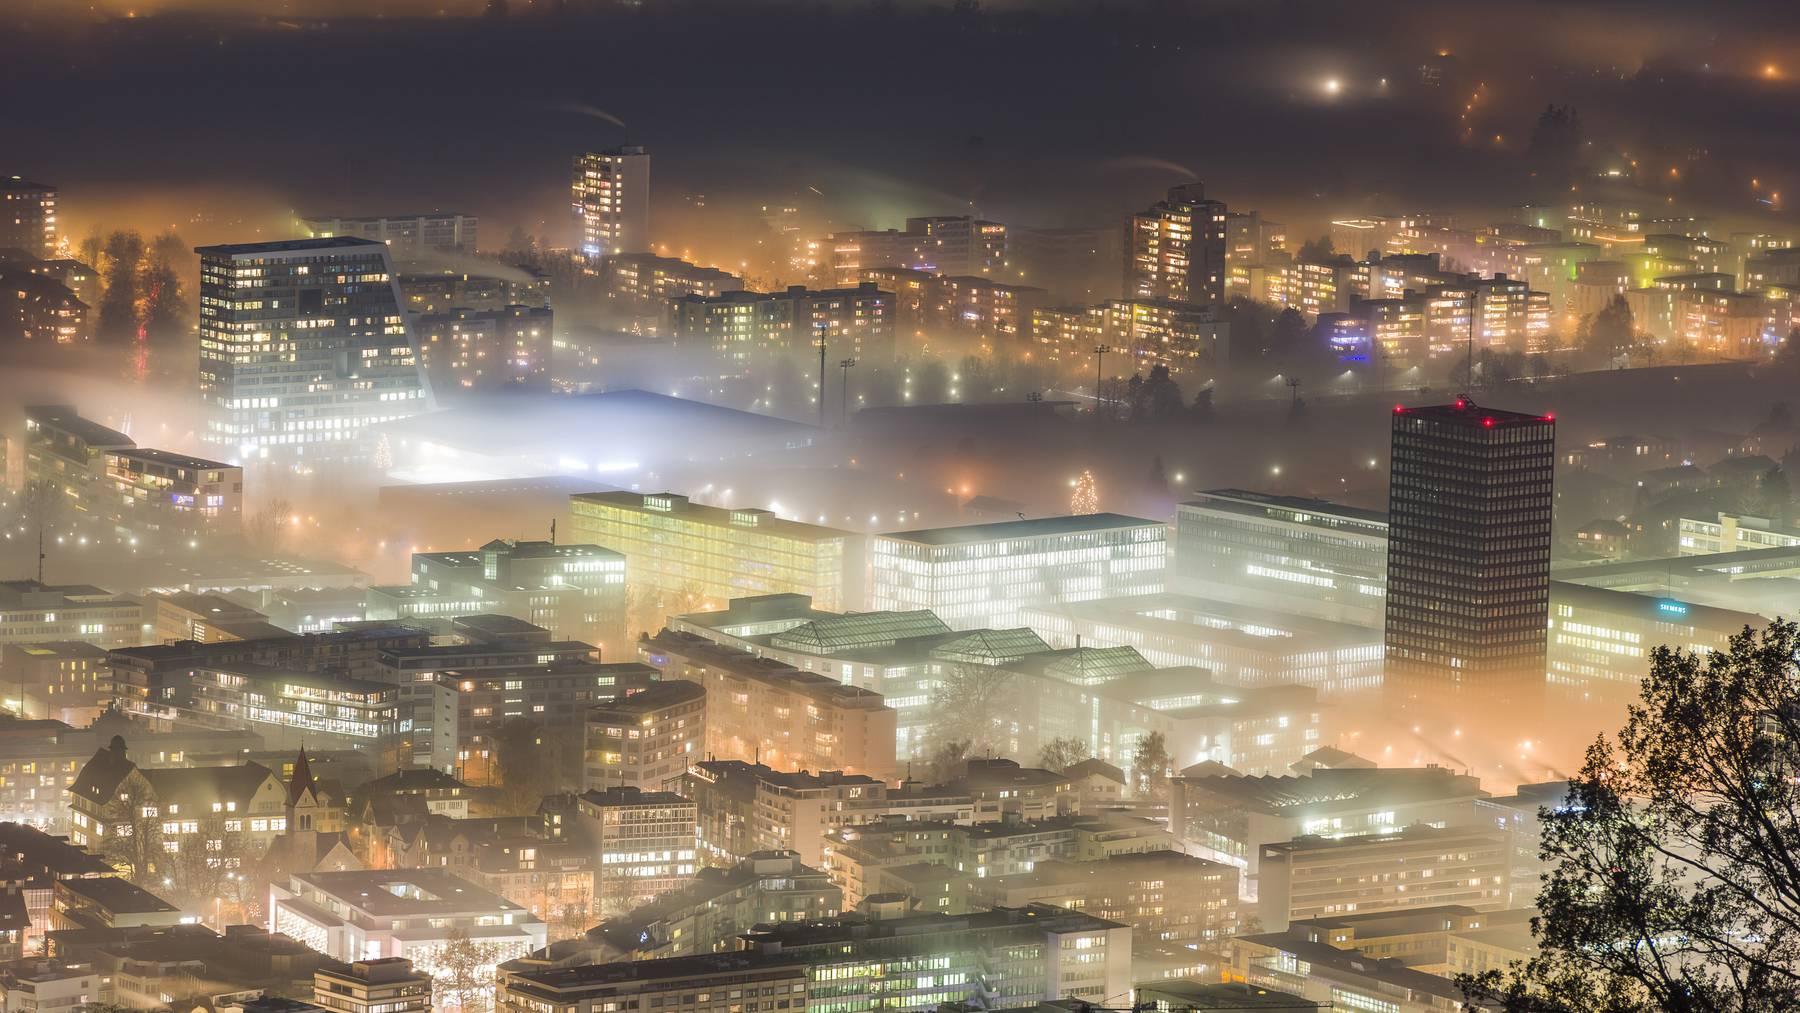 Stadt Zug bleibt finanziell im grünen Bereich